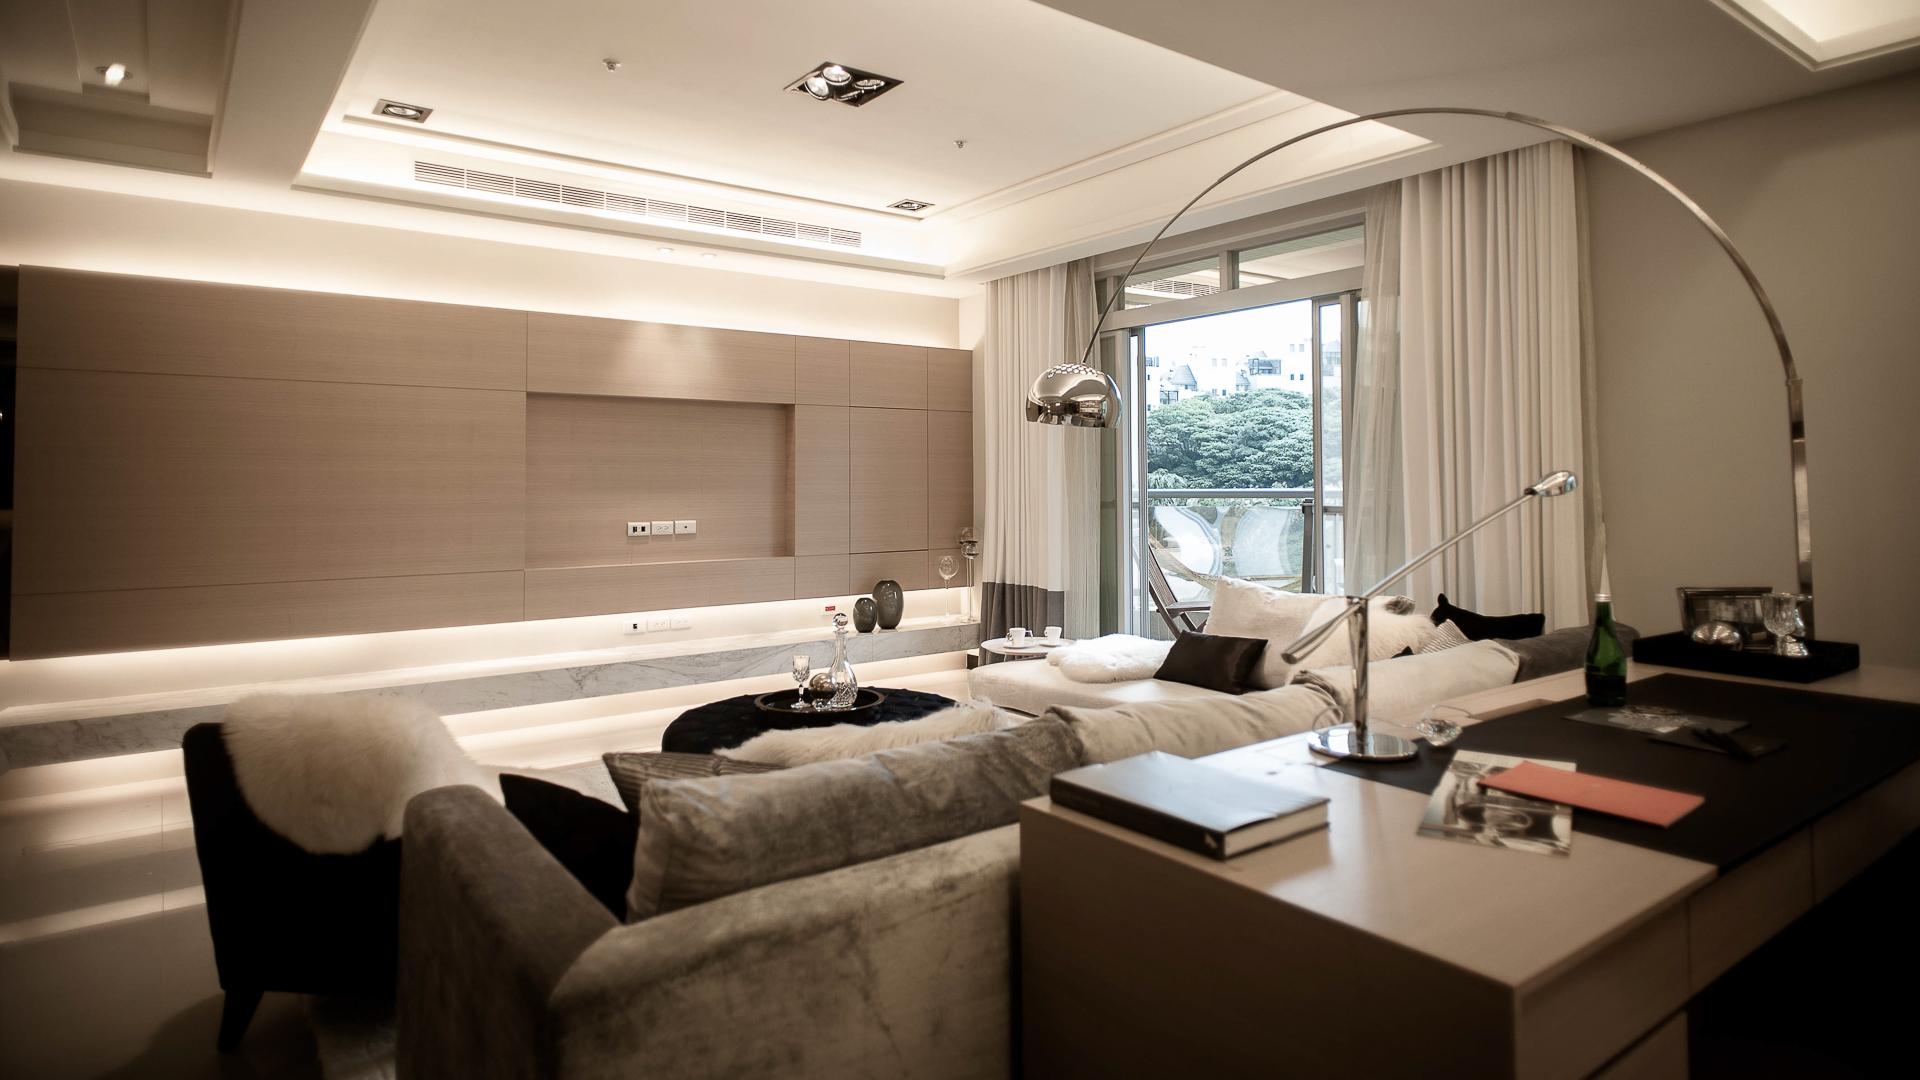 0012_室內設計師推薦風格休閒奢華風Kuan style-10